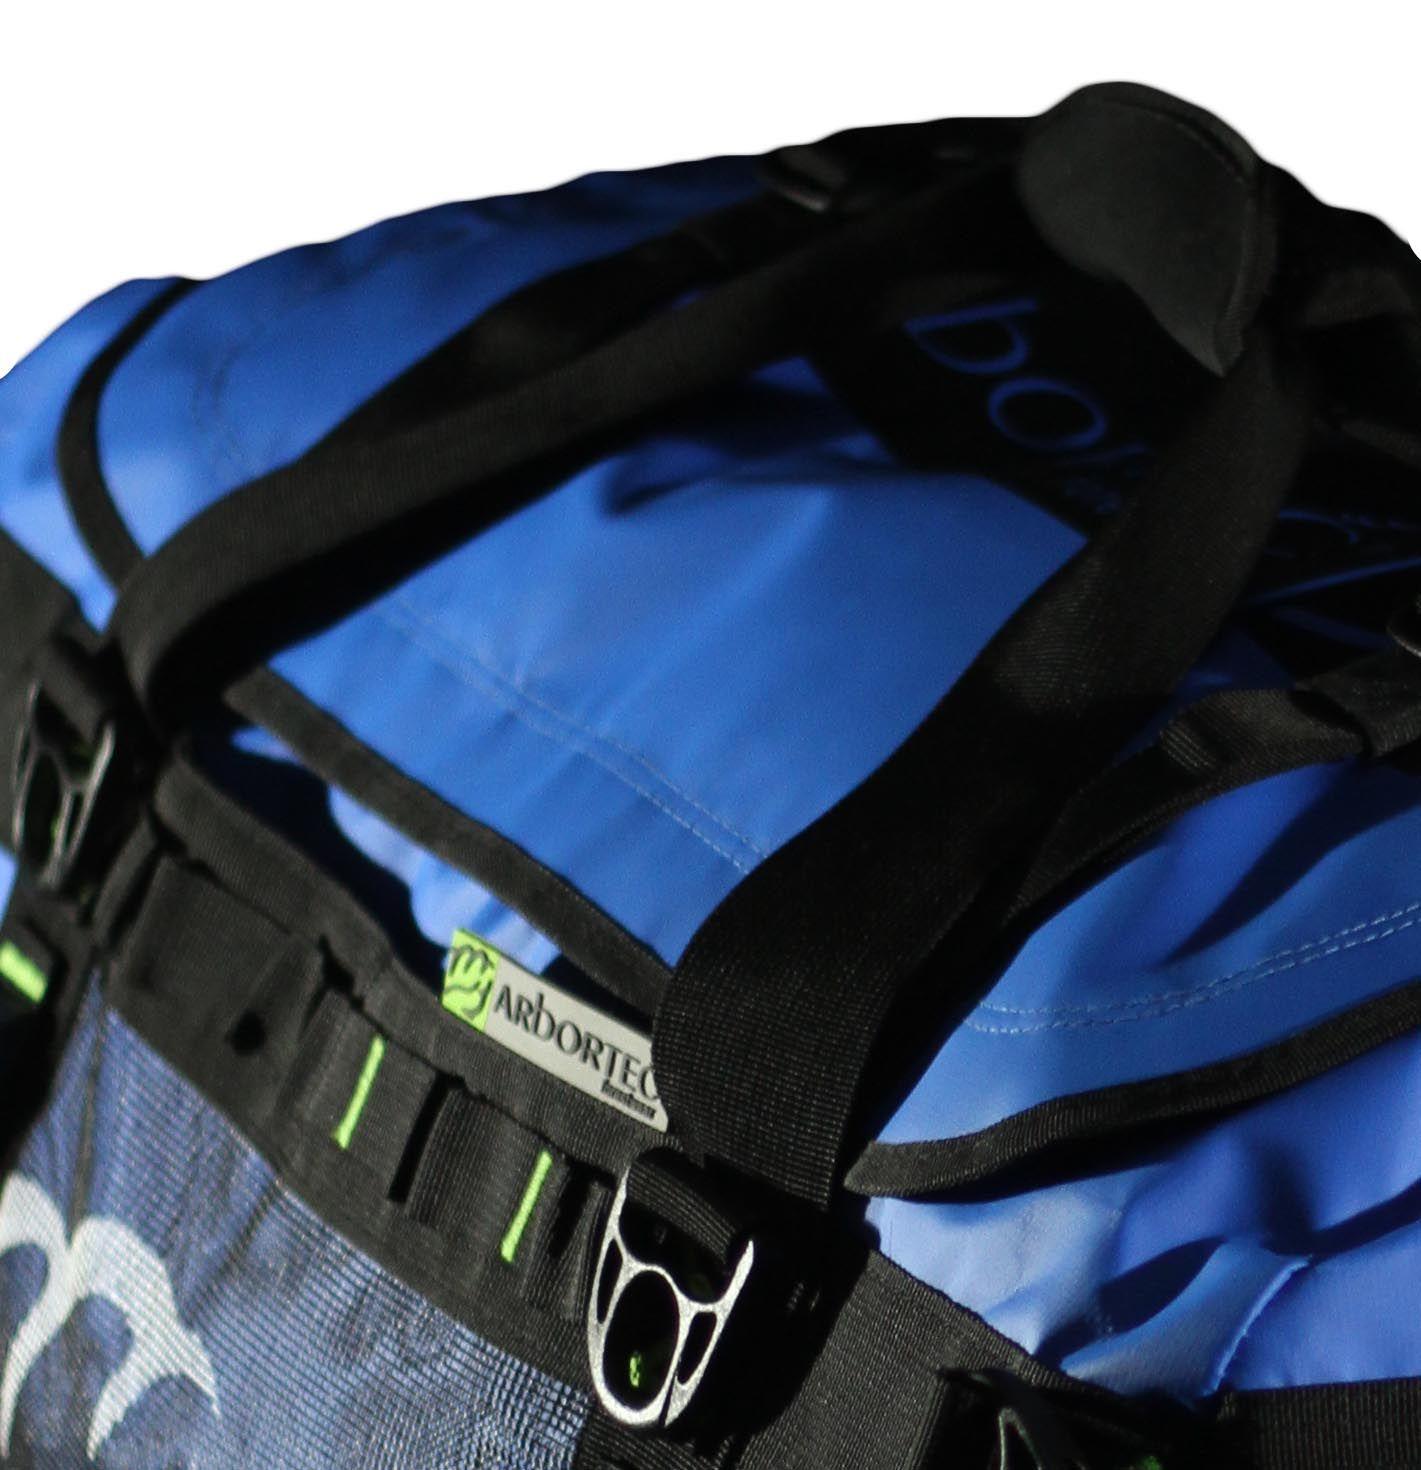 Arbortec DryKit70 Mamba Kit Bag Blue 70 Litre